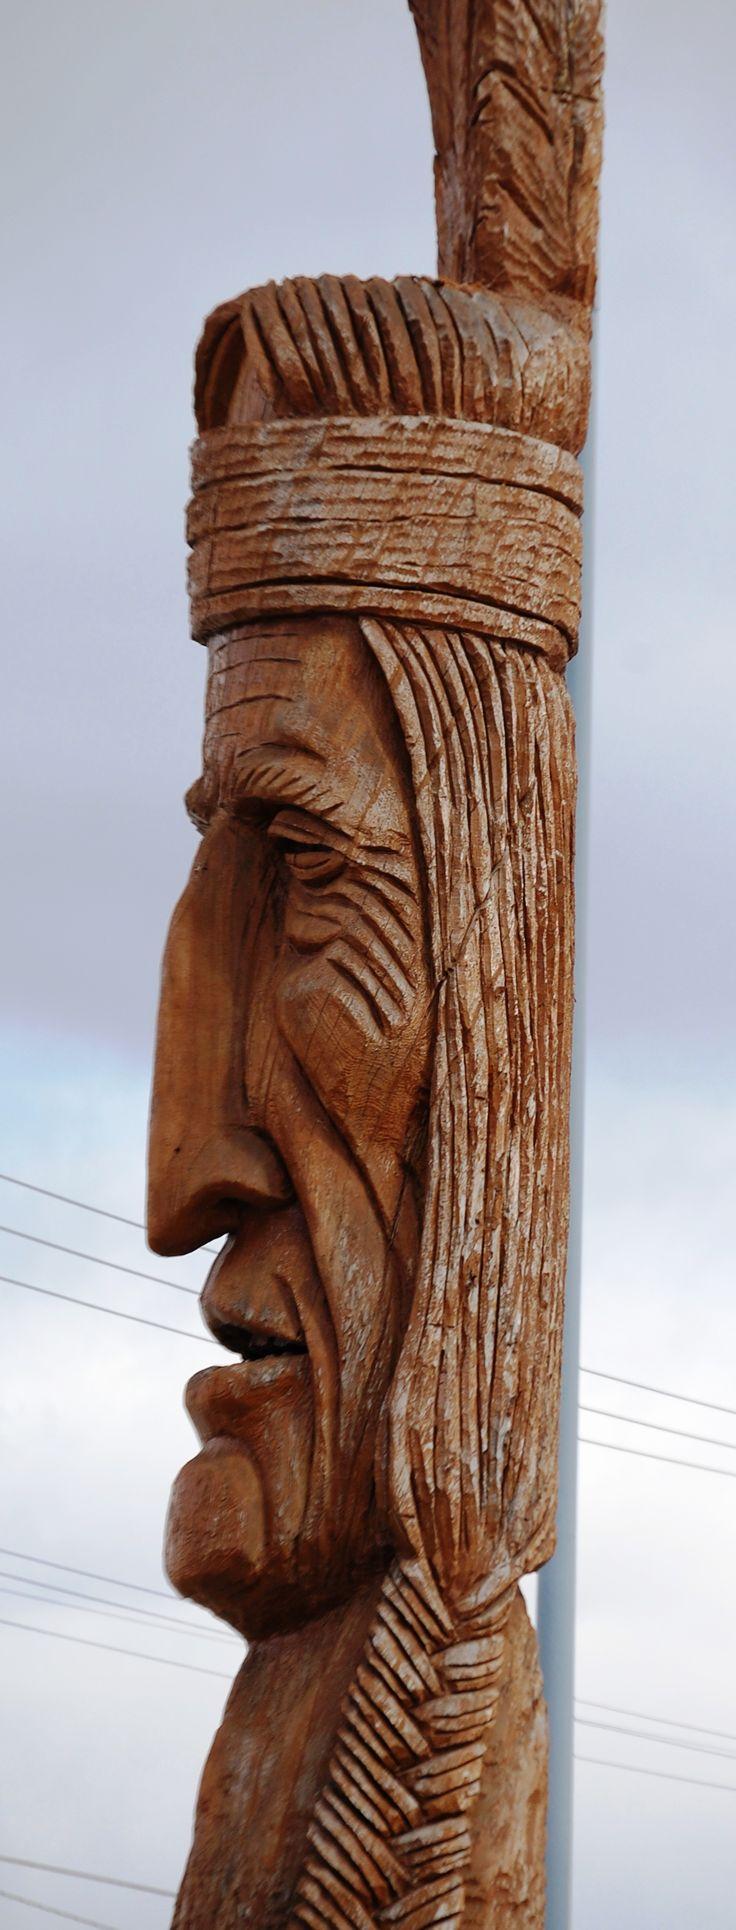 Giant Indian Head wood carving in Idaho Falls, Idaho